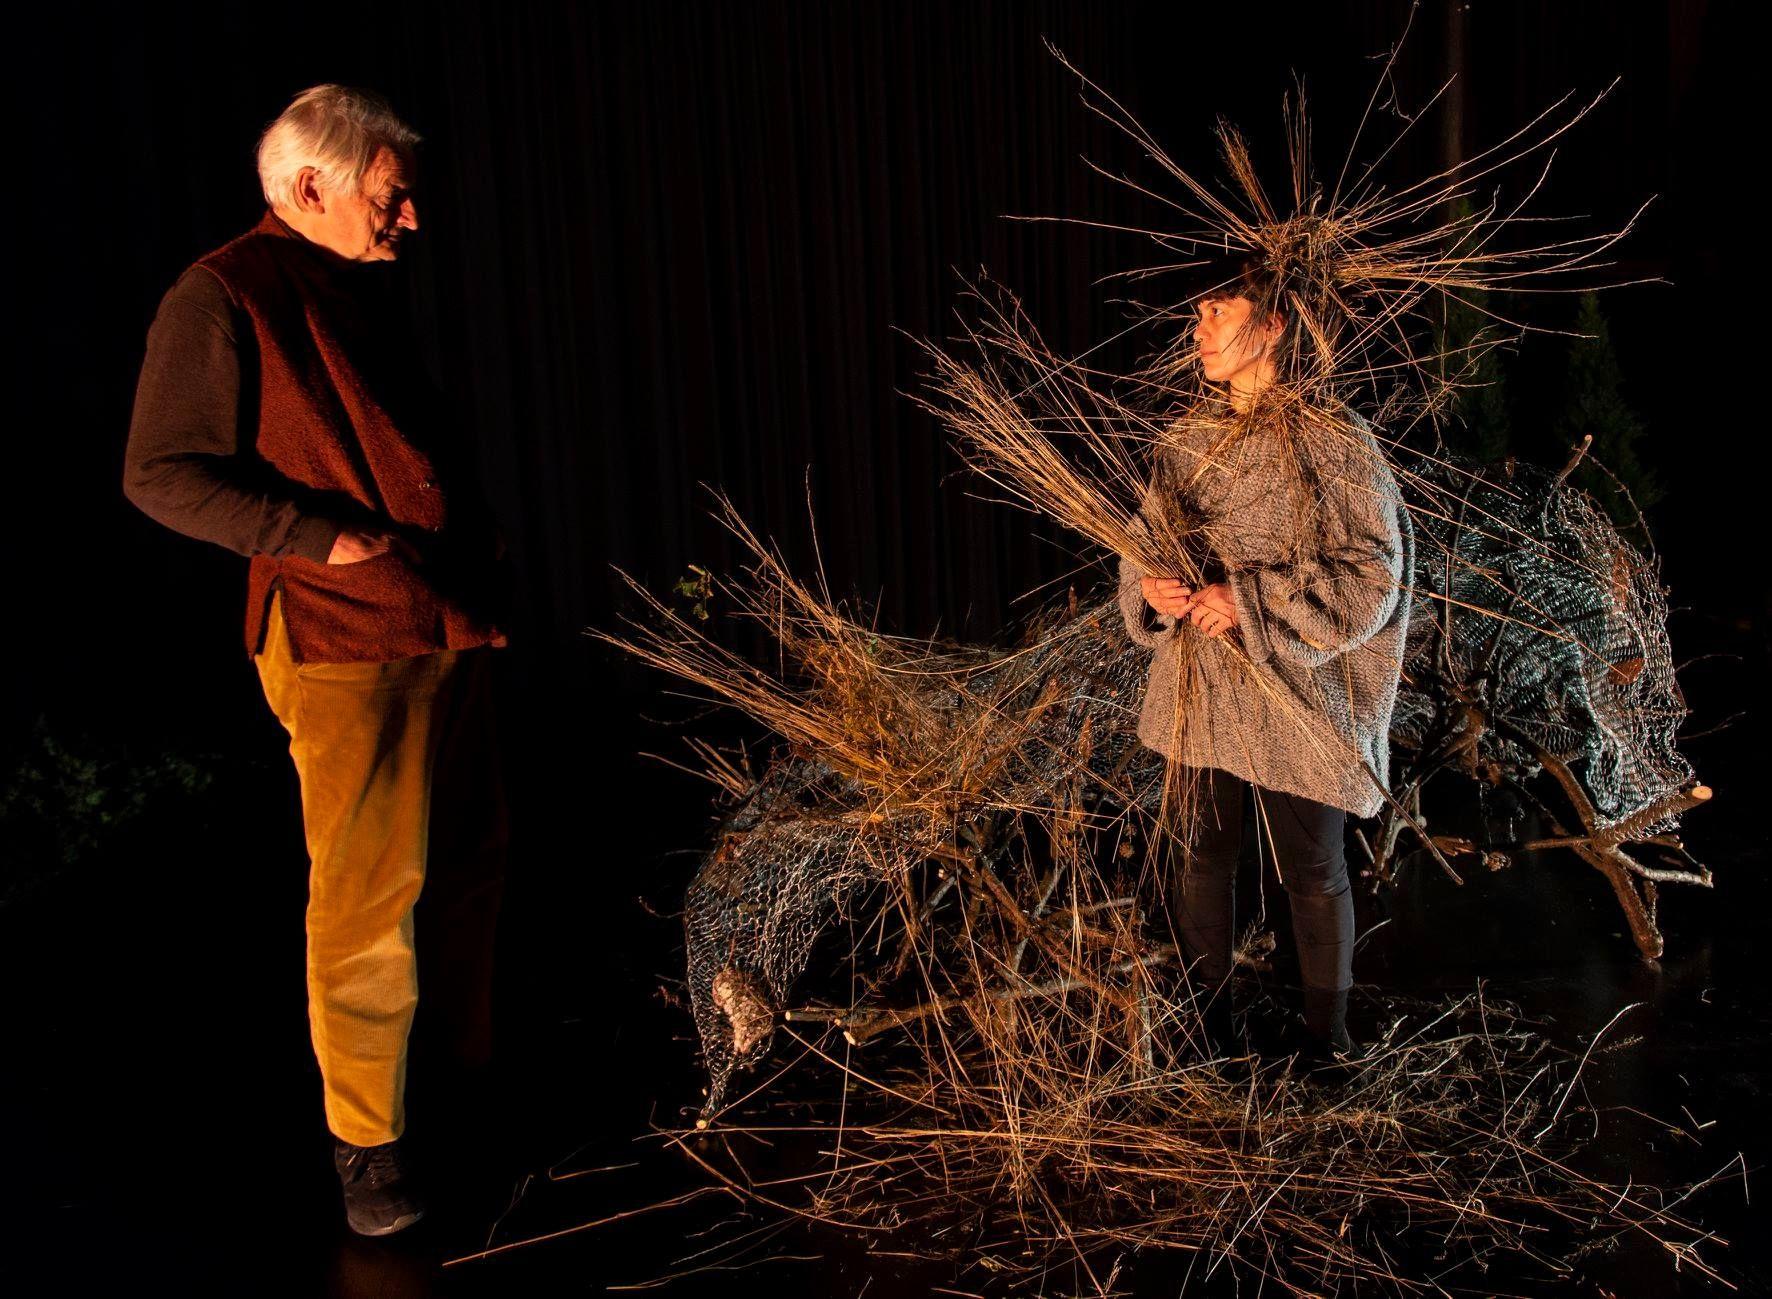 KONTROVERSIELT TEATER: Fra forstillingen «Ways of Seeing» på Black Box Teater.